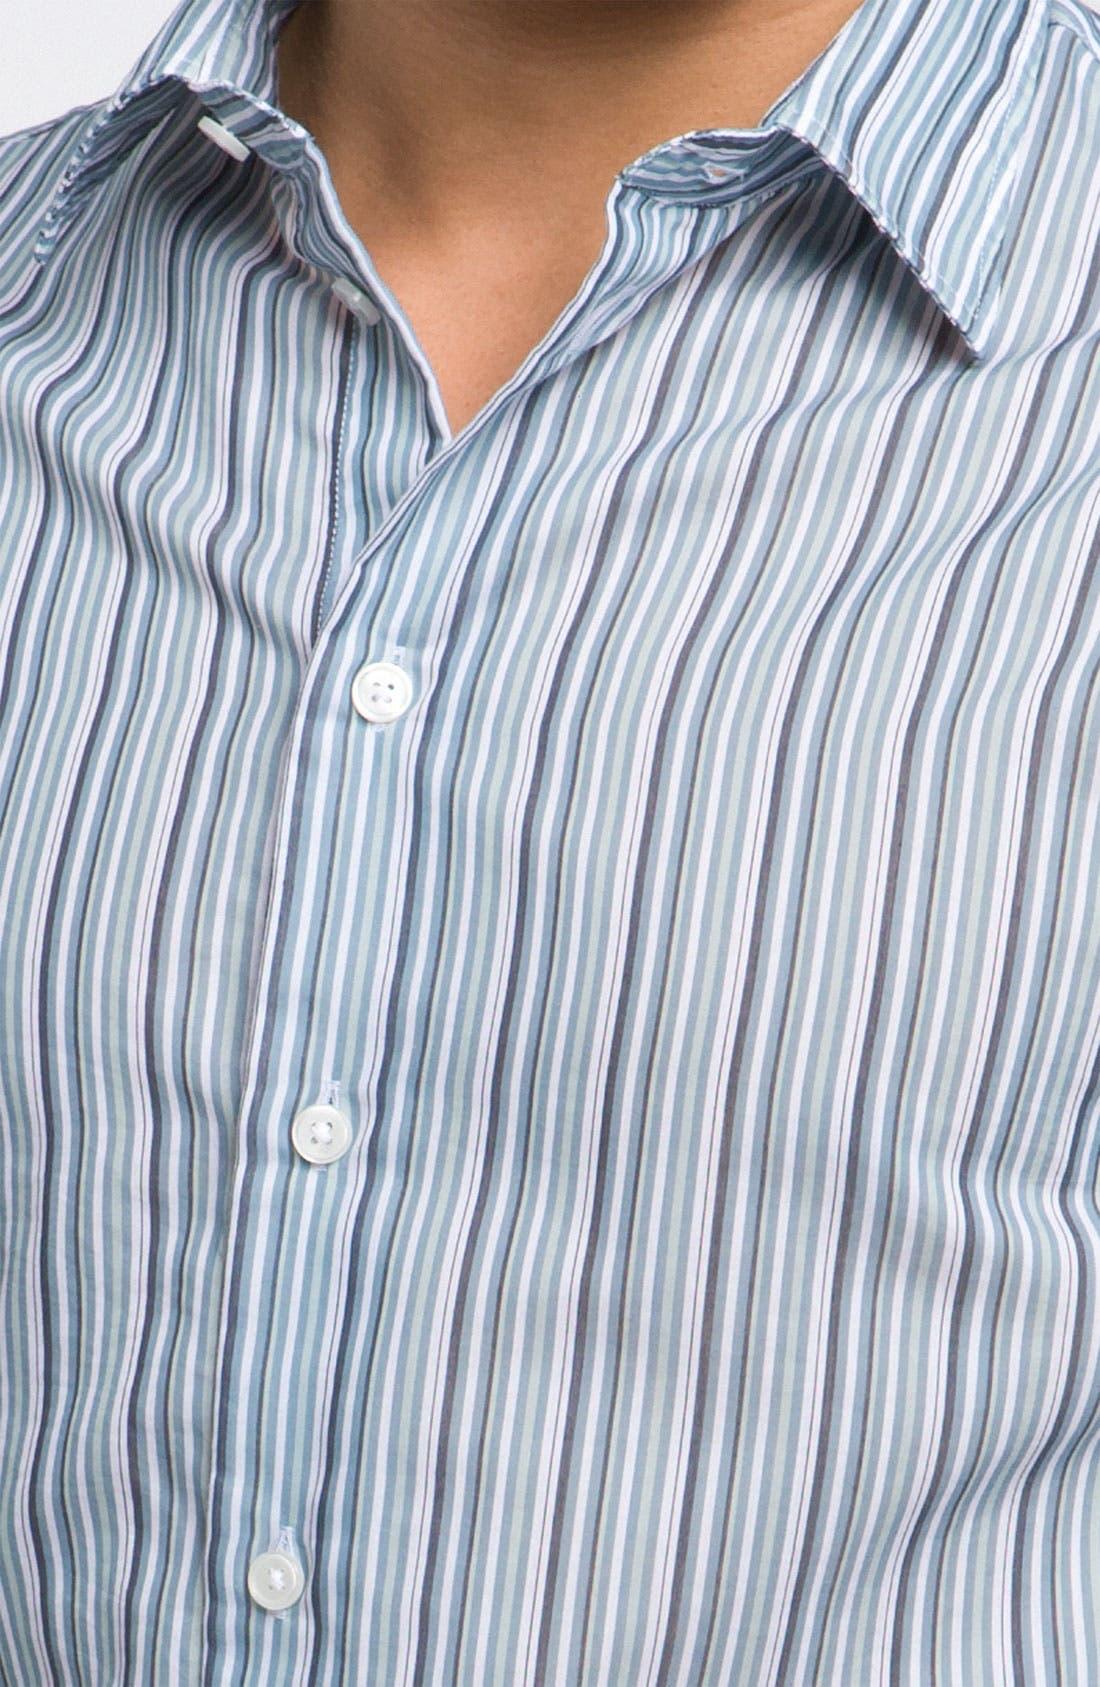 Alternate Image 3  - Armani Collezioni Stripe Woven Shirt